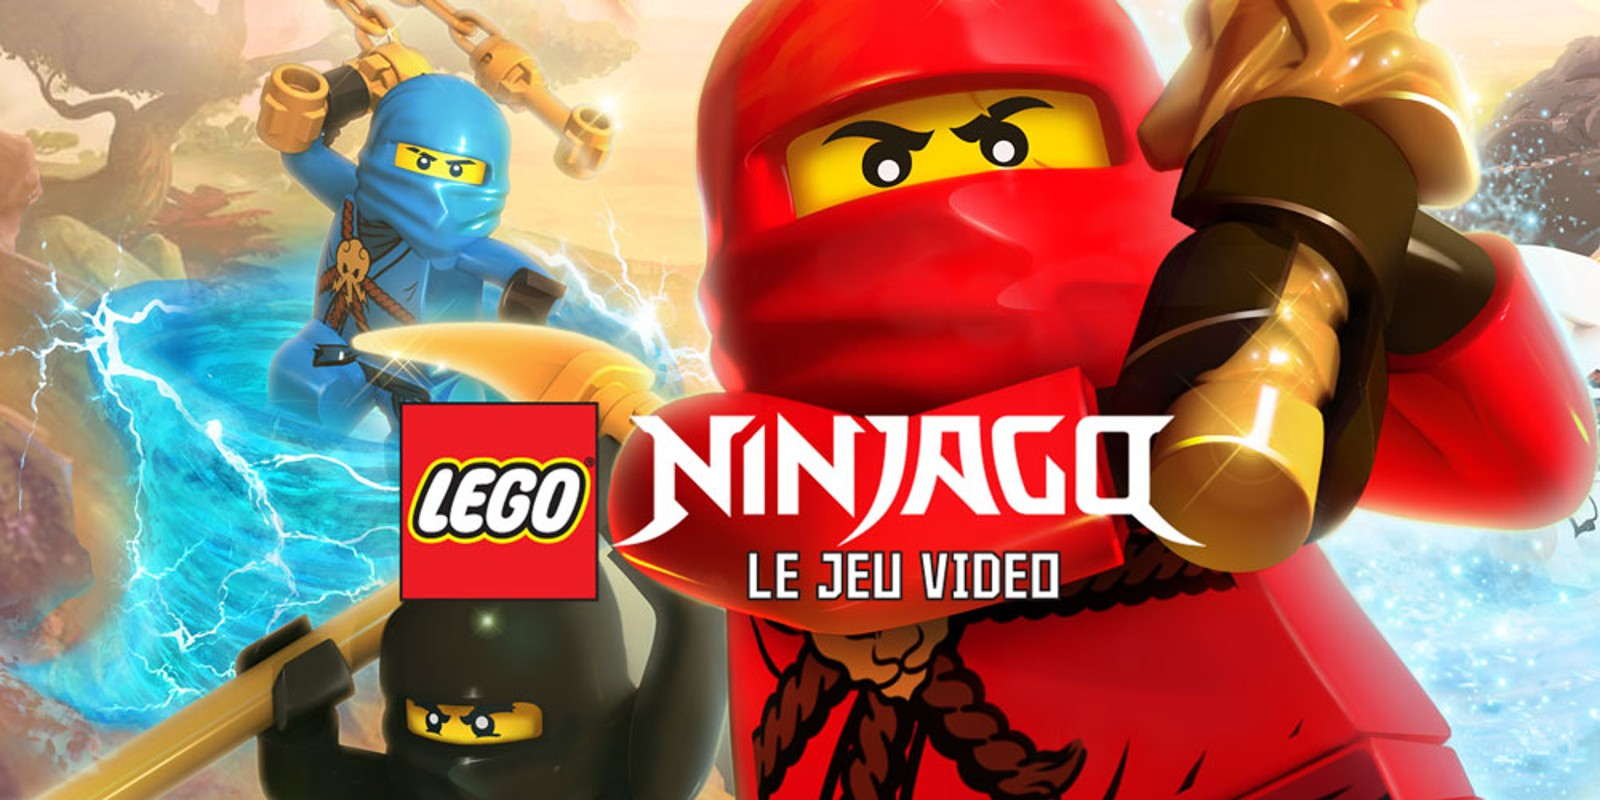 lego ninjago le jeu vido - Jeux De Lego Ninjago Spinjitzu